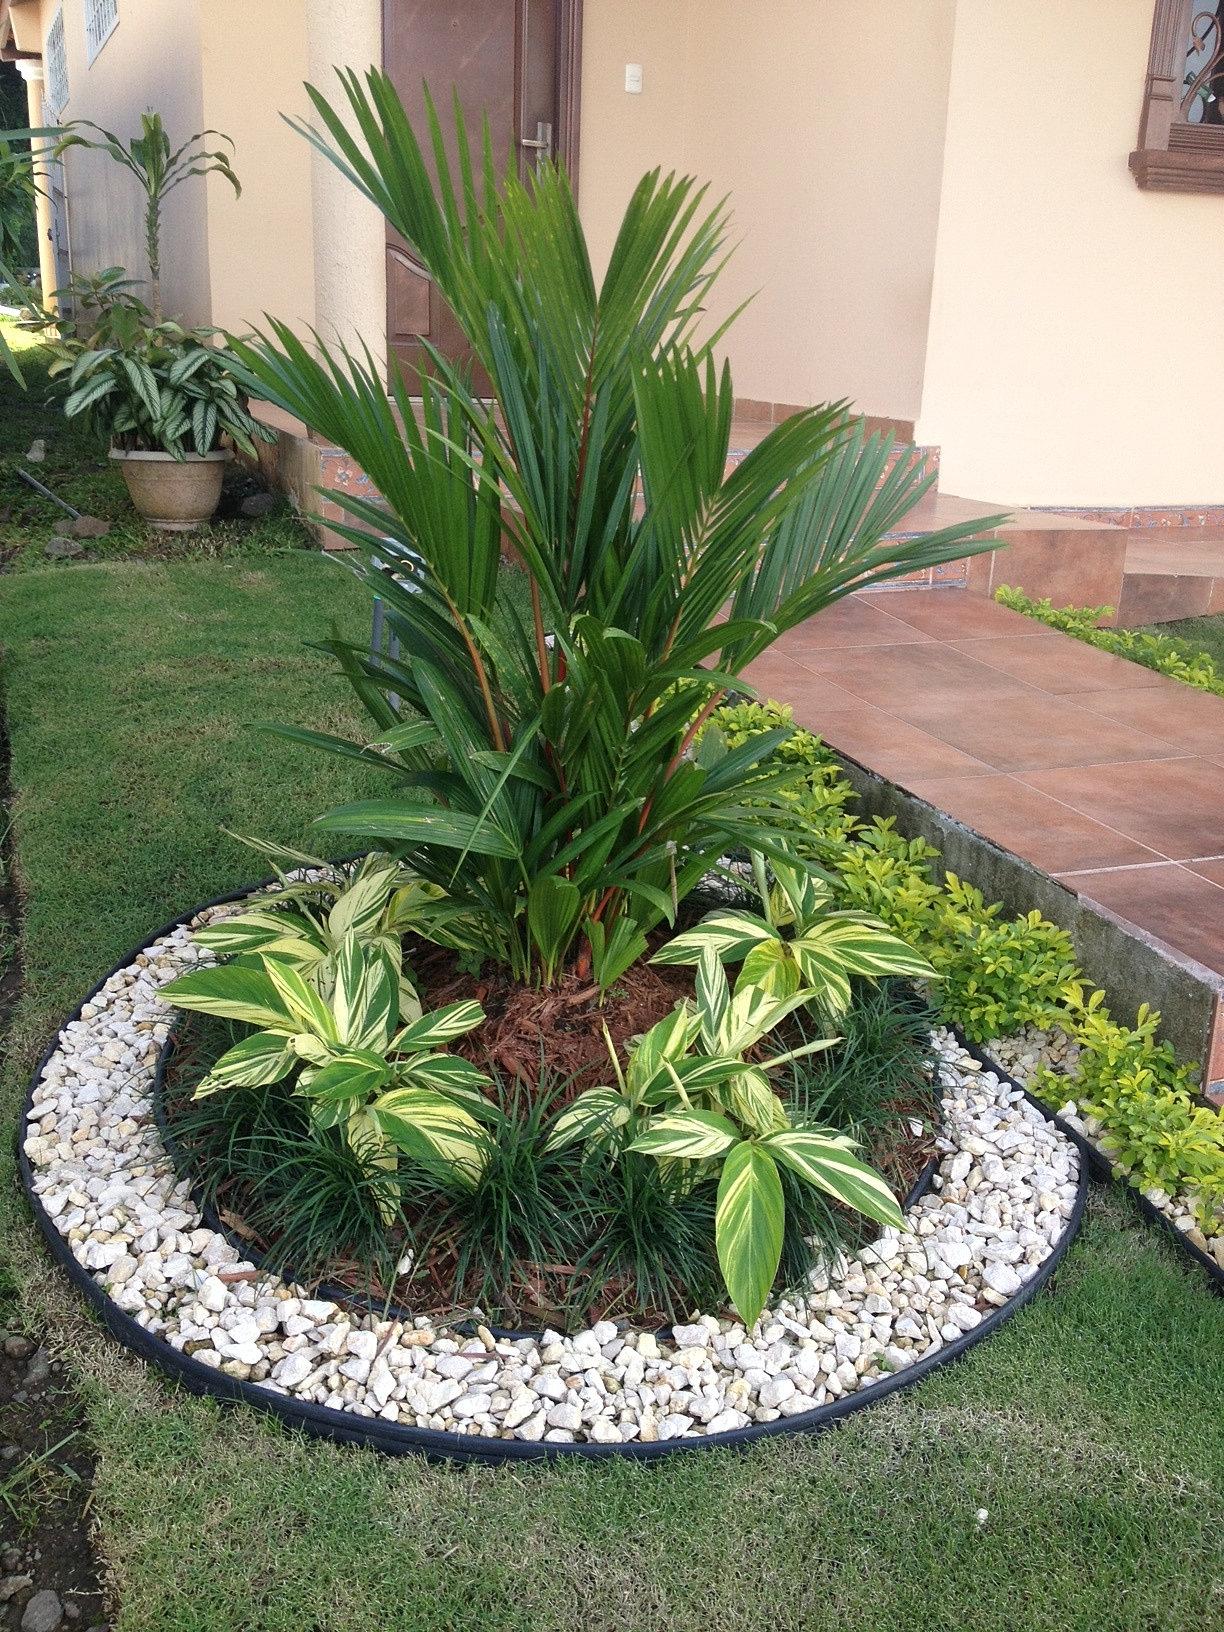 imagens jardins modernos : imagens jardins modernos:Diseño y Construcción de jardines en Panamá